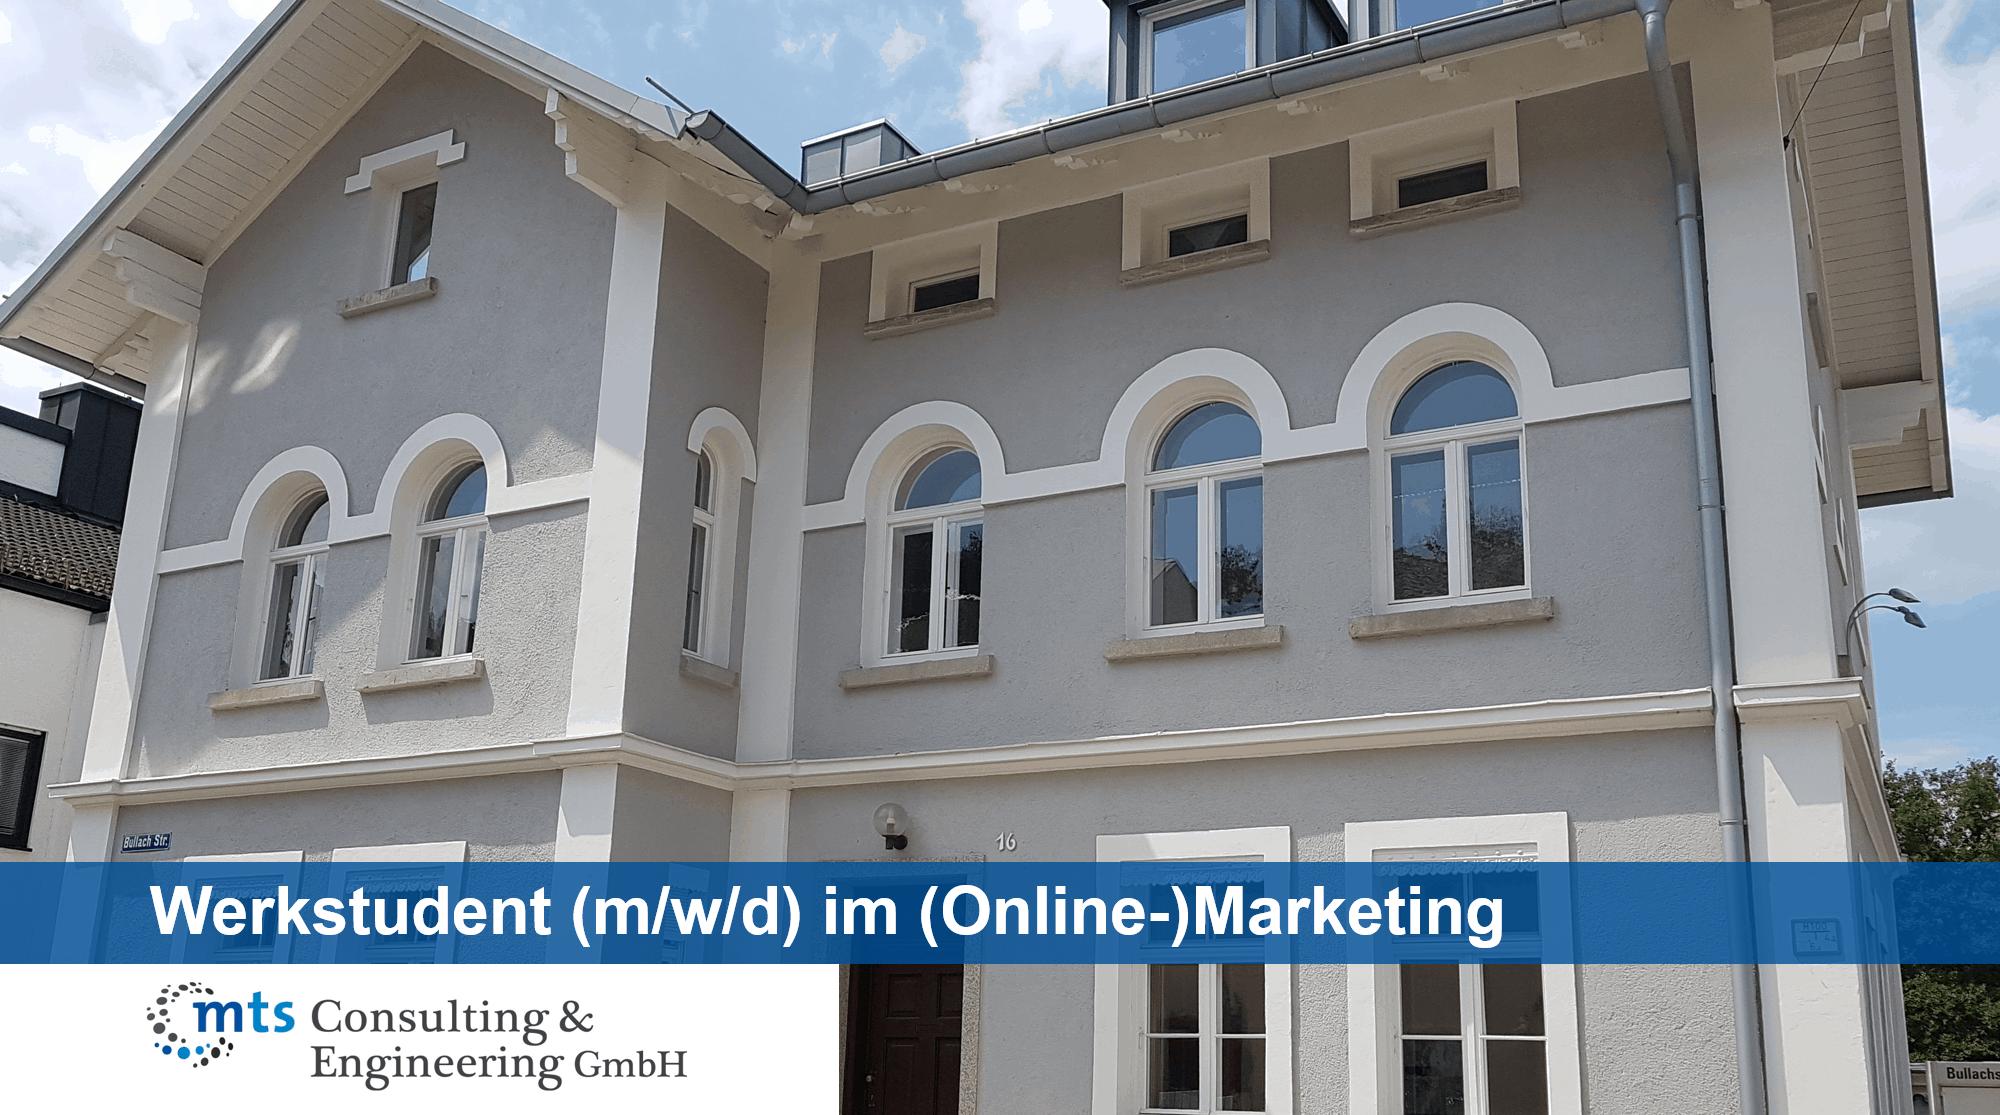 Stellenanzeige_Werkstudent-Online-Marketing (m/w/d)